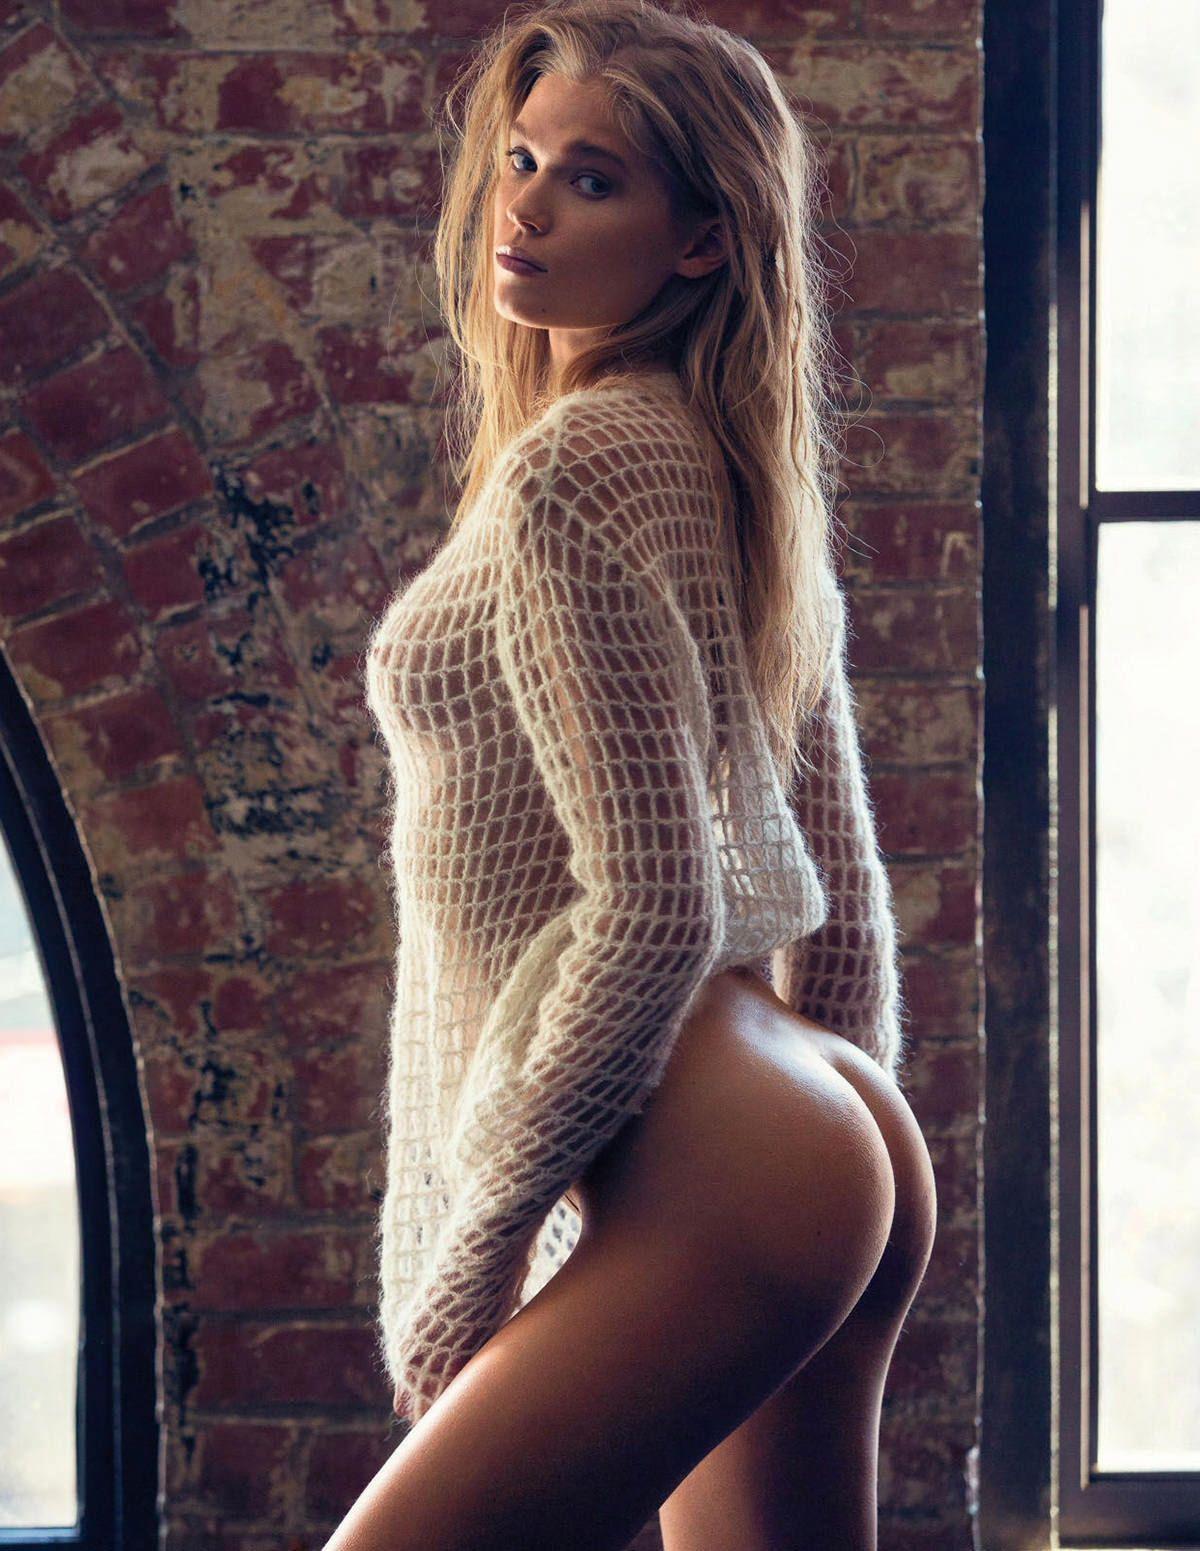 vita-sidorkina-nude-4